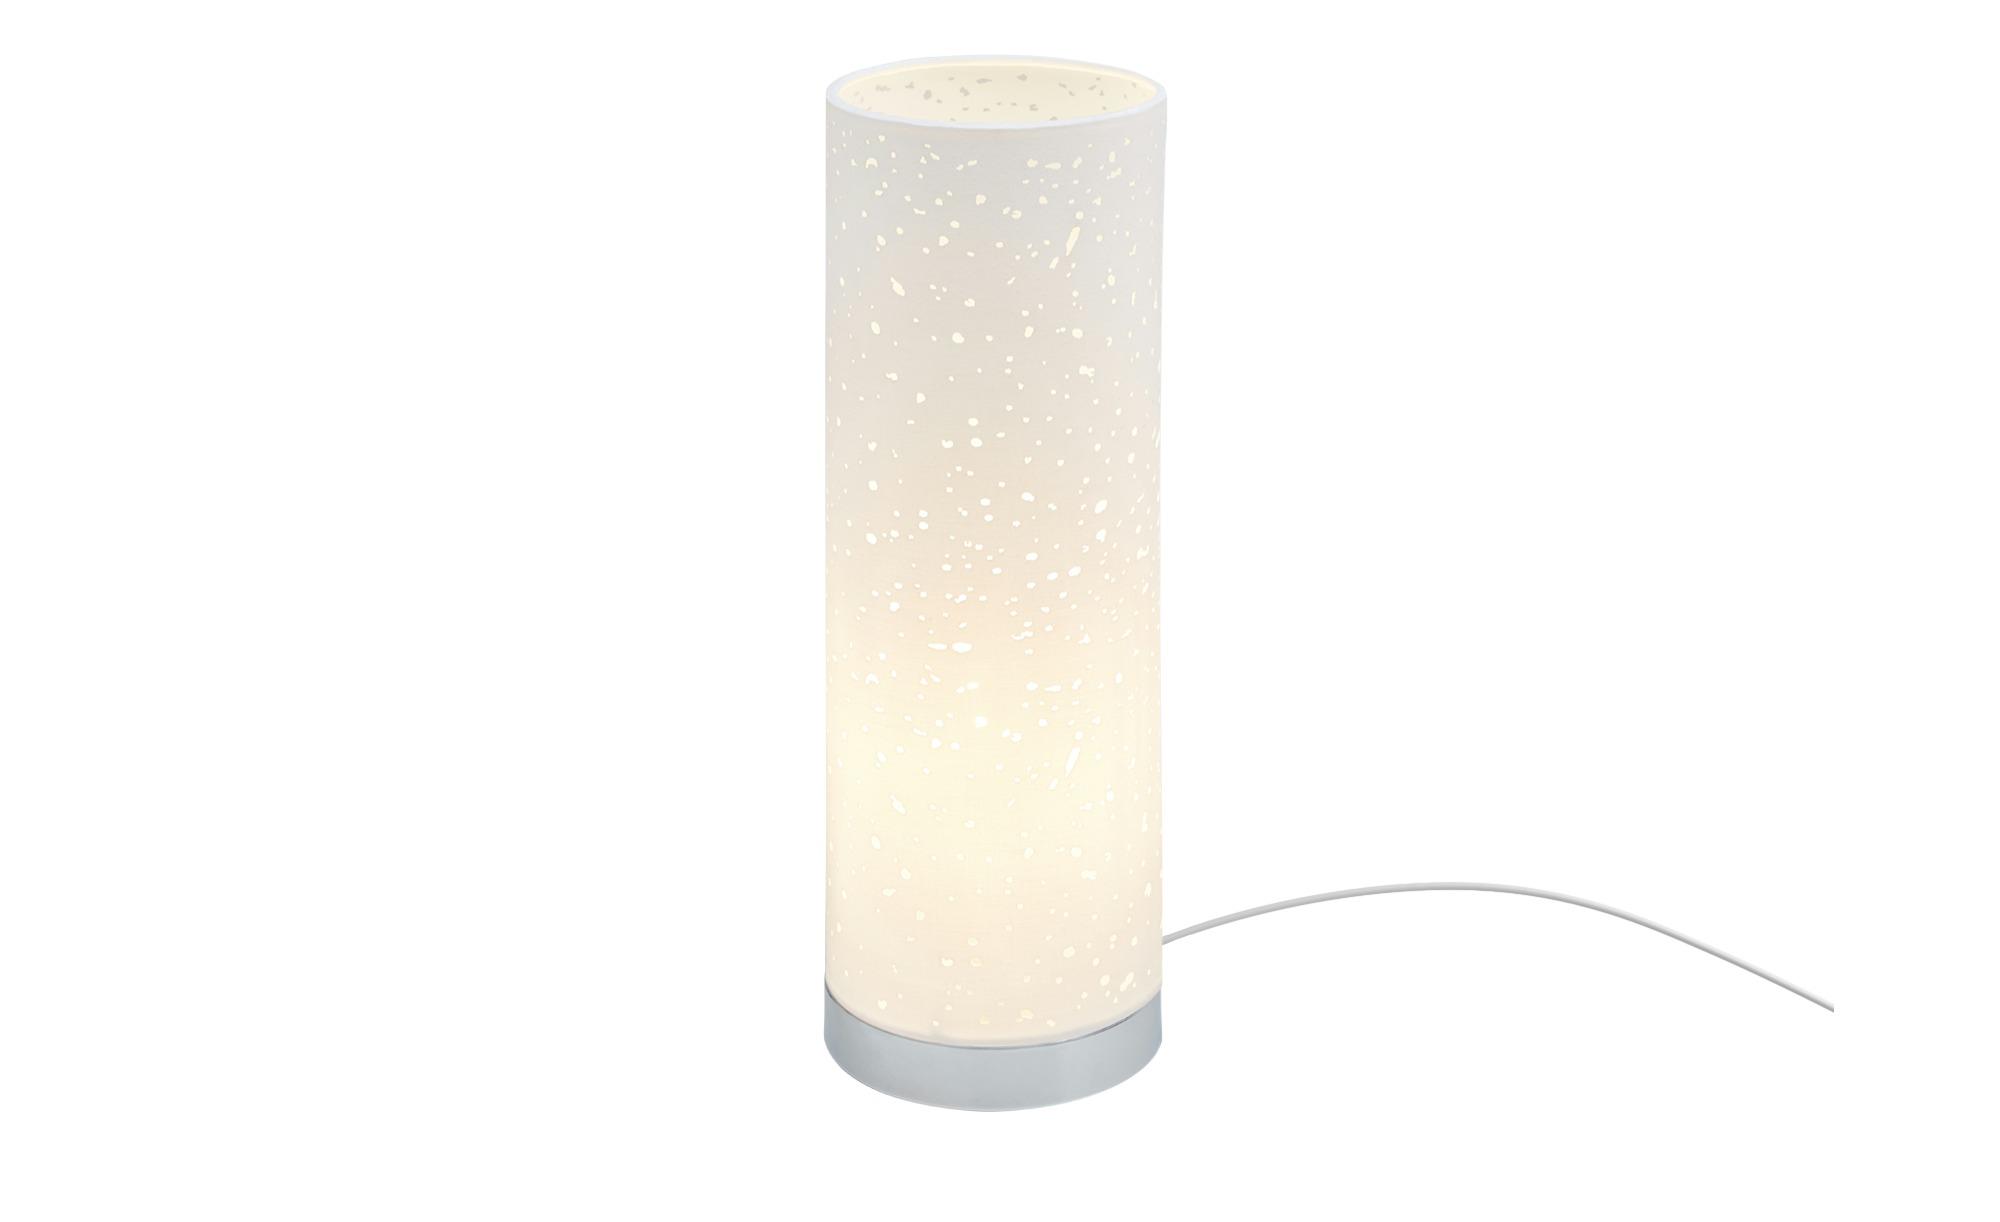 Fischer-Honsel Tischleuchte, 1-flammig, Weiß ¦ weiß ¦ Maße (cm): H: 35 Ø: [12.0] Lampen & Leuchten > Innenleuchten > Tischlampen - Höffner